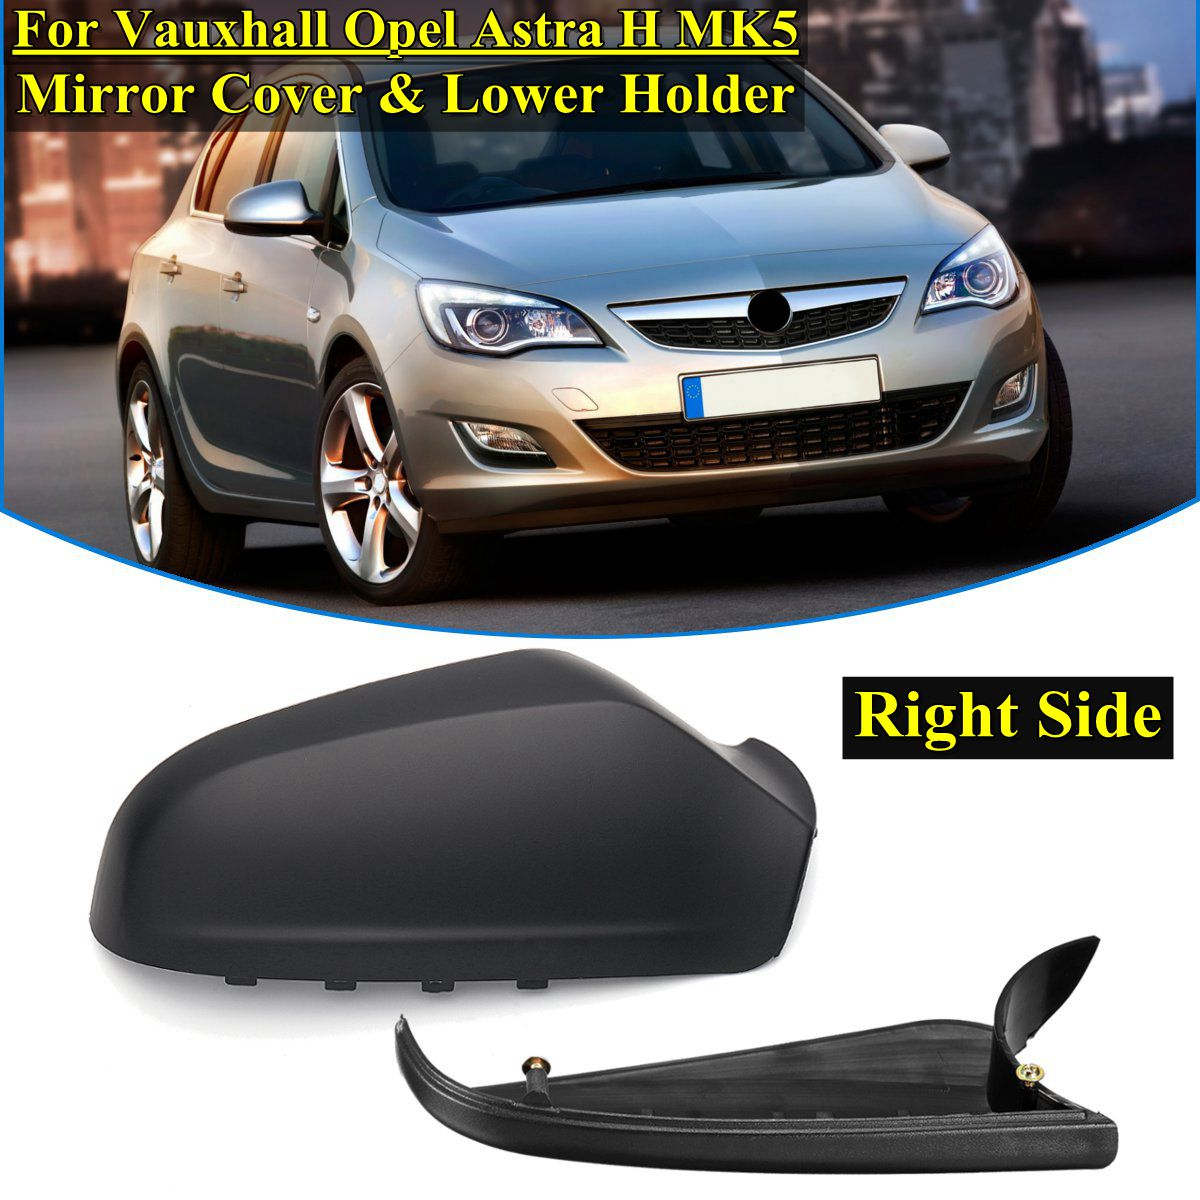 1 set Gauche ou côté Droit pour Vauxhall Opel Astra H MK5 2004 05-2009 Wing Mirror Cover + couvercle inférieur Droit Côté support inférieur